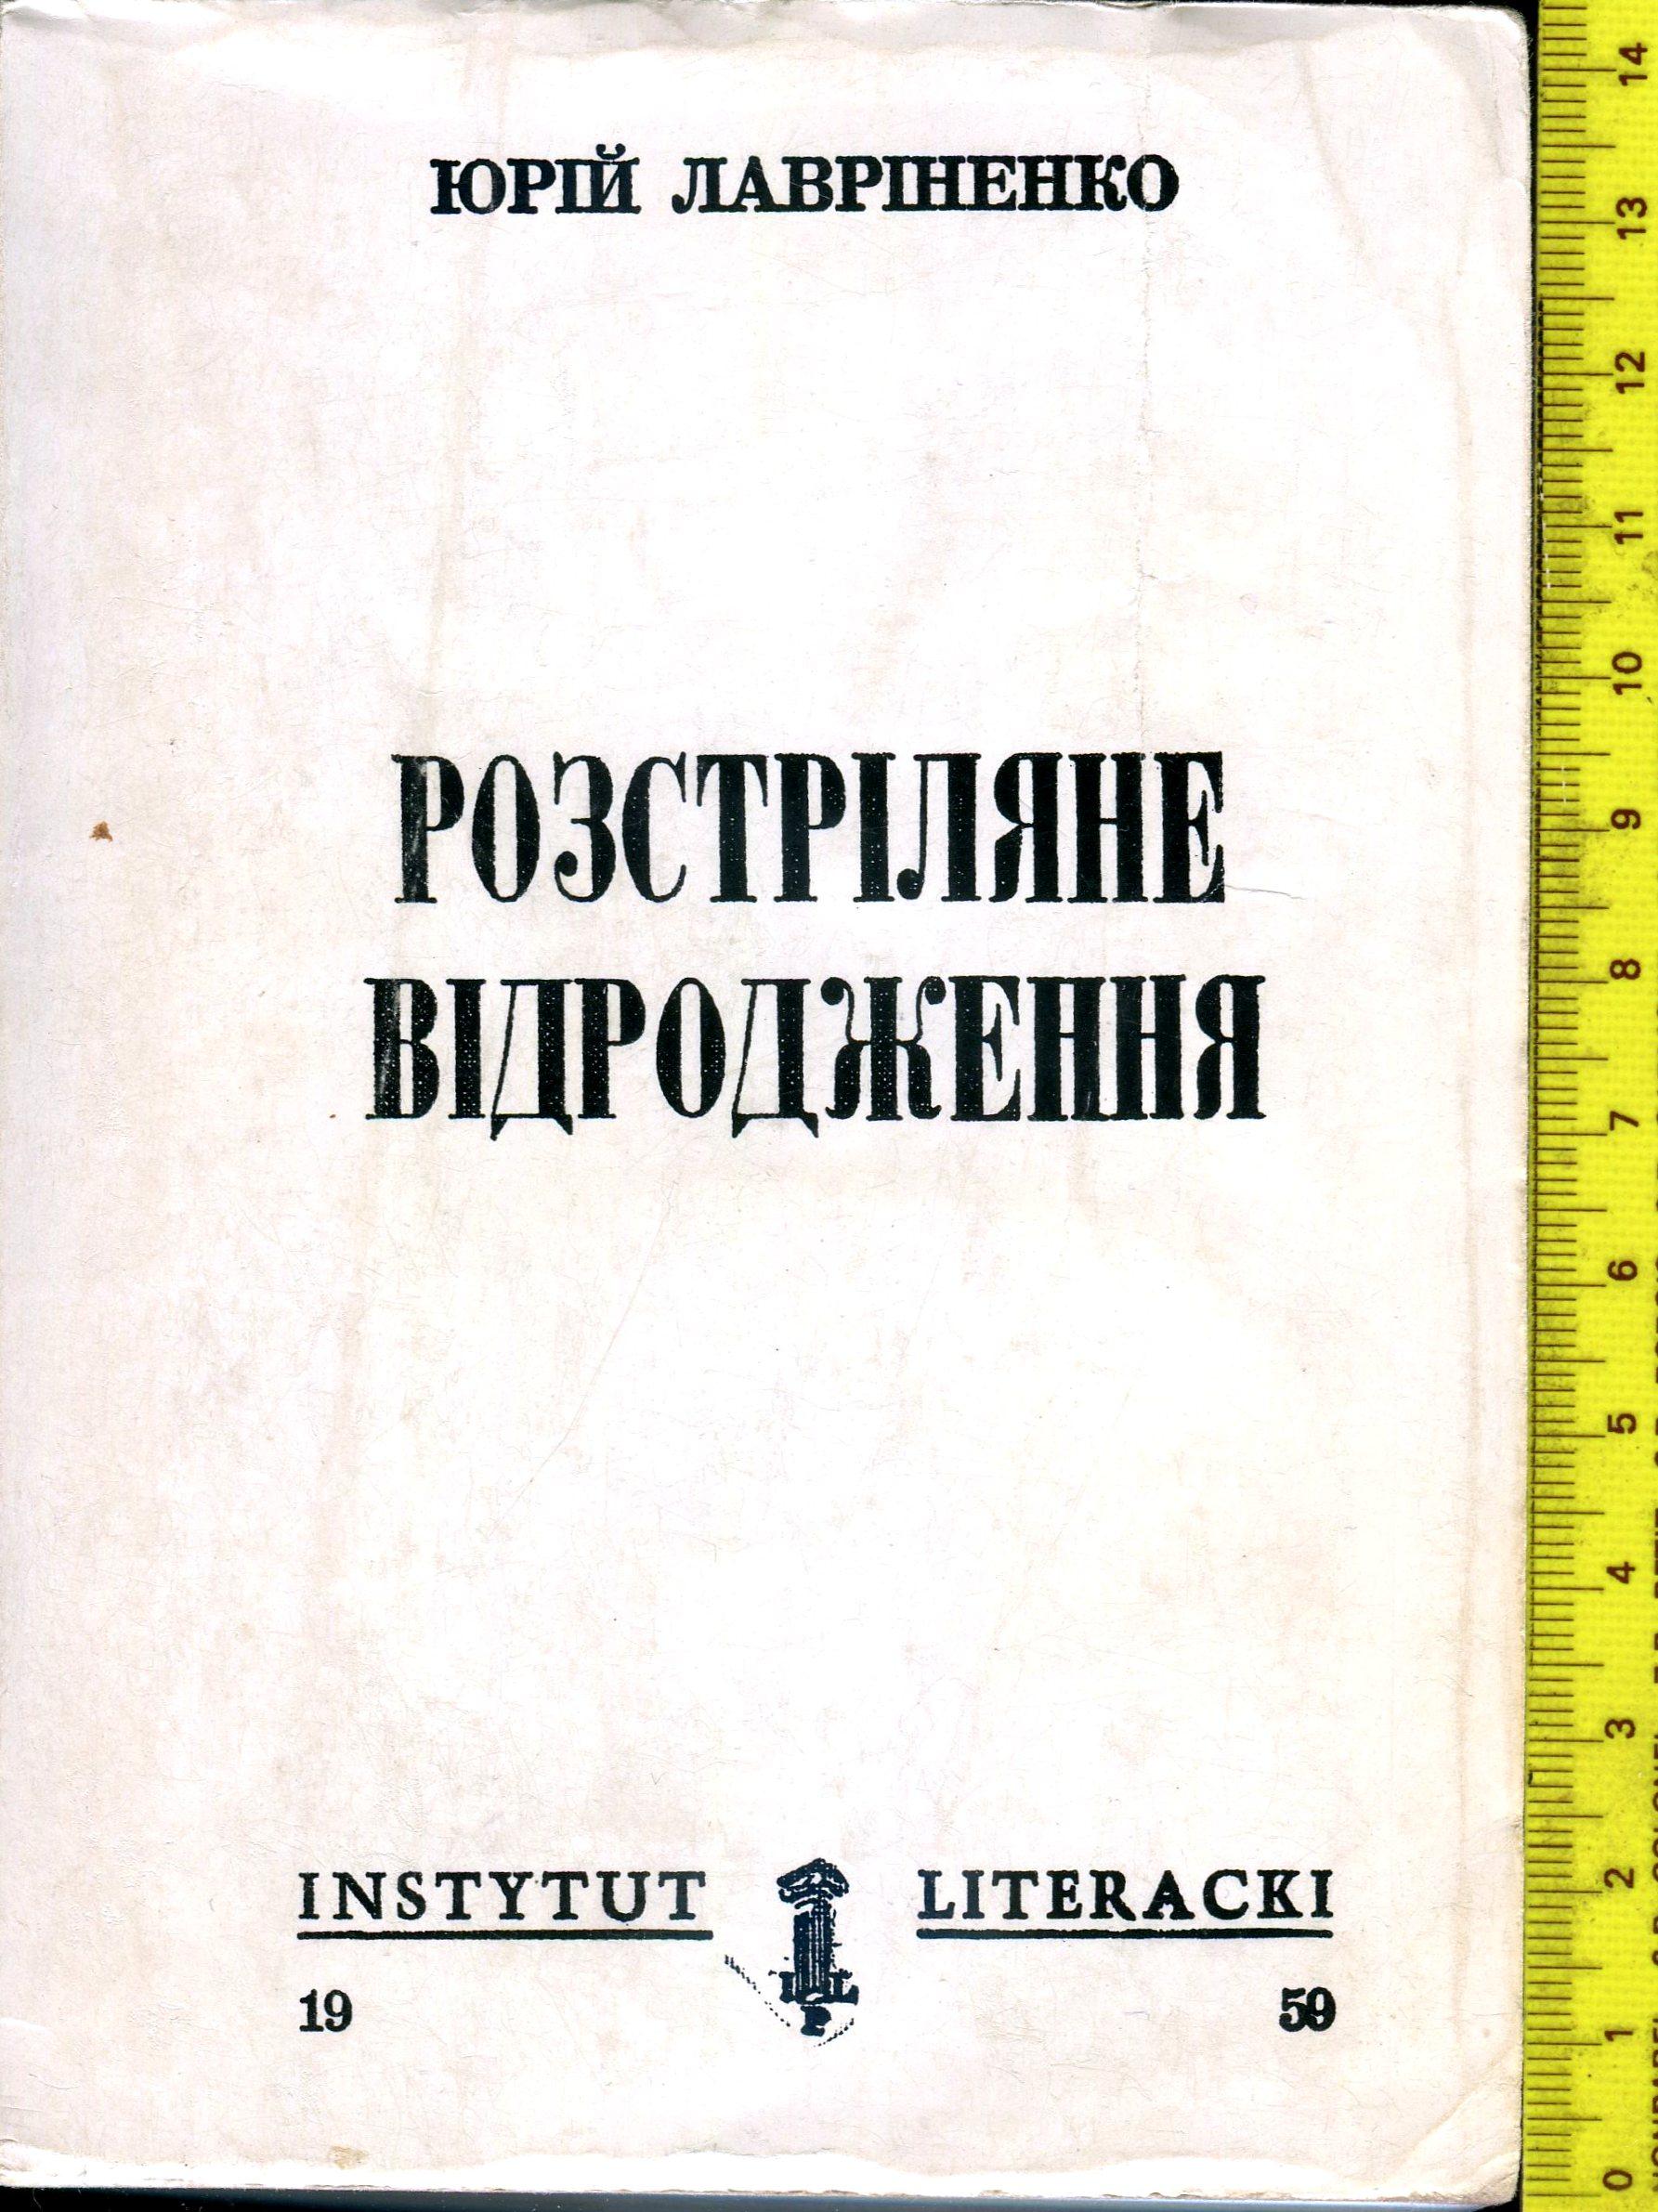 <div class='inner-box'><div class='close-desc'></div><span class='opis'><p><em>Rozstrzelane odrodzenie</em>&nbsp;Jurija Ławrinenki. Okładka wydania kieszonkowego z 1987 r. , przeznaczonego do wysyłania na Ukrainę. Tom wydało bez zgody i wiedzy Jerzego Giedroycia nowojorskie, ukraińskie wydawnictwo <em>Proloh</em>. W korespondencji z&nbsp; Ławrinenką (kt&oacute;ry doni&oacute;sł mu o pirackiej inicjatywie) Giedroyc pisał: <em>...najważniejsze, że zrobili to bardzo starannie</em>. (w: Jerzy Giedroyc -&nbsp;Emigracja ukraińska. Listy 1950-1982, s. 20, Czytelnik 2004)</p></span><div class='clearfix'></div><span>Cote du document sm00450</span><div class='clearfix'></div><span>© Instytut Literacki</span></div>